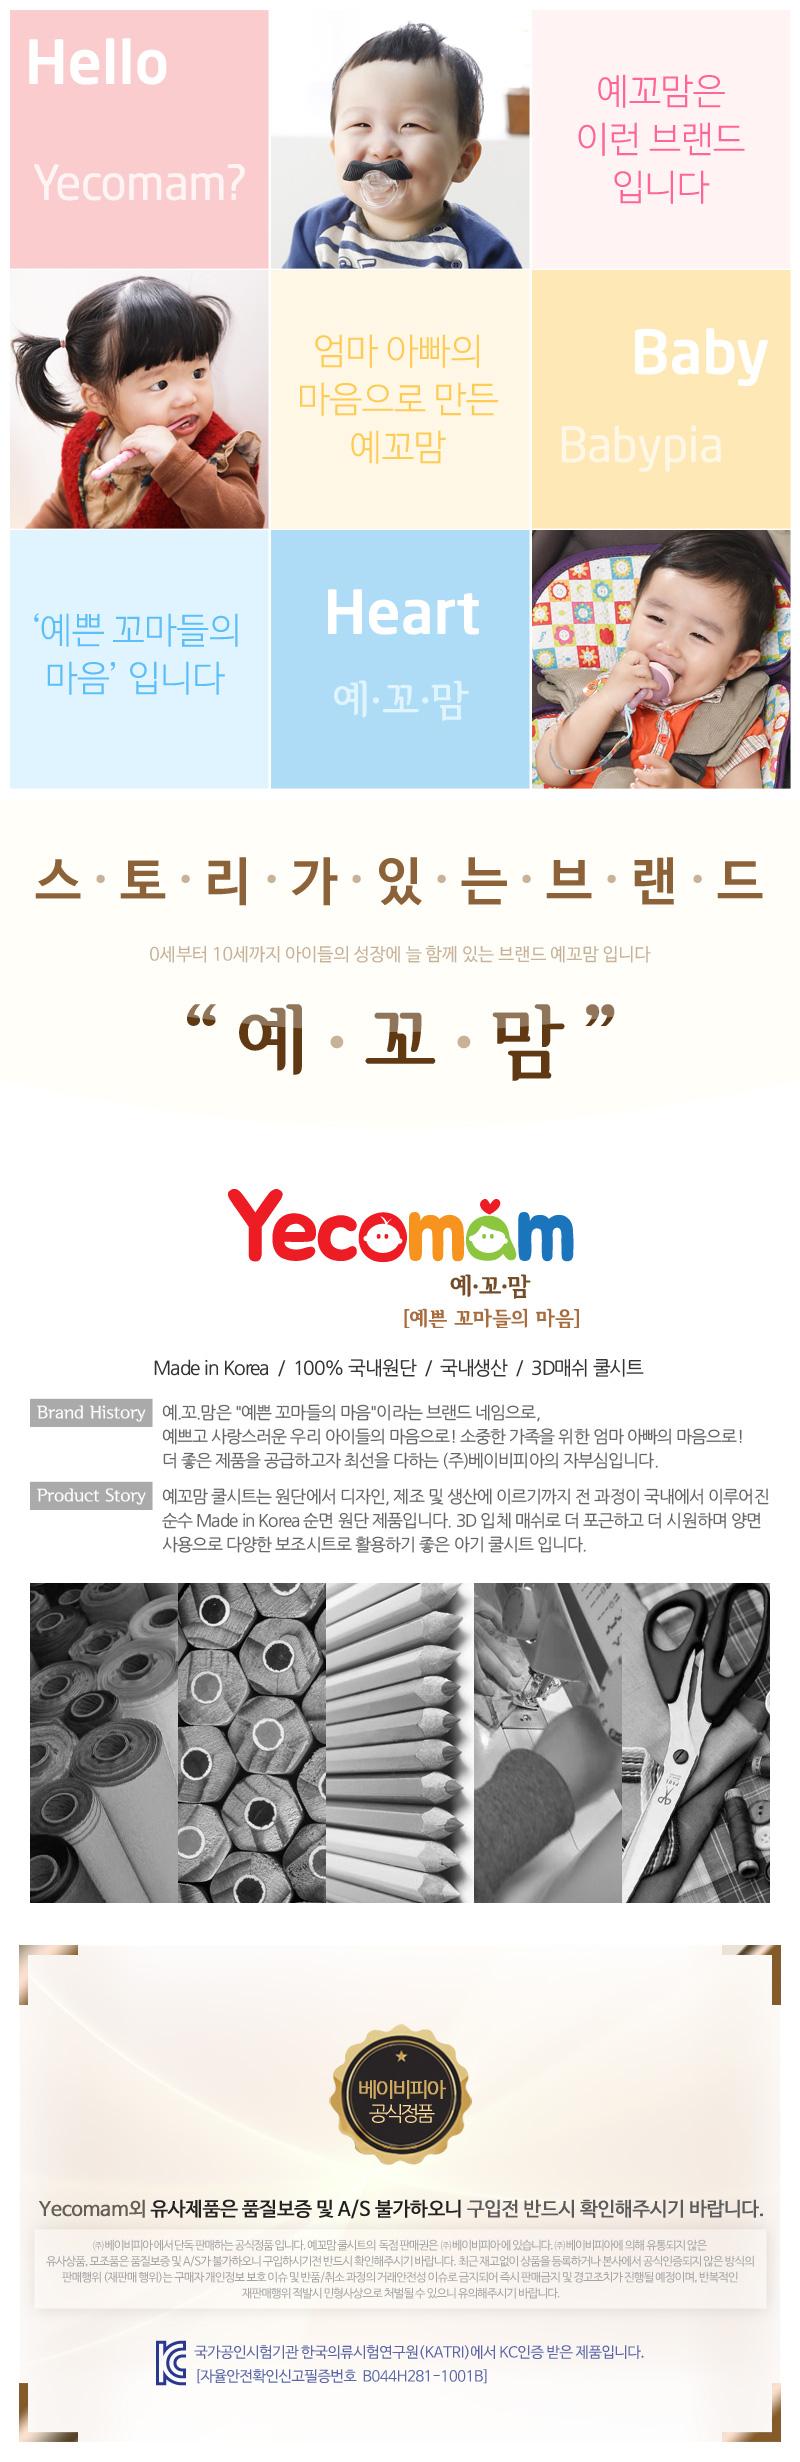 예꼬맘 3D매쉬 유모차 쿨시트 프리미엄 플러스UP - 베이비피아, 27,300원, 유모차/카시트, 유모차/액세서리